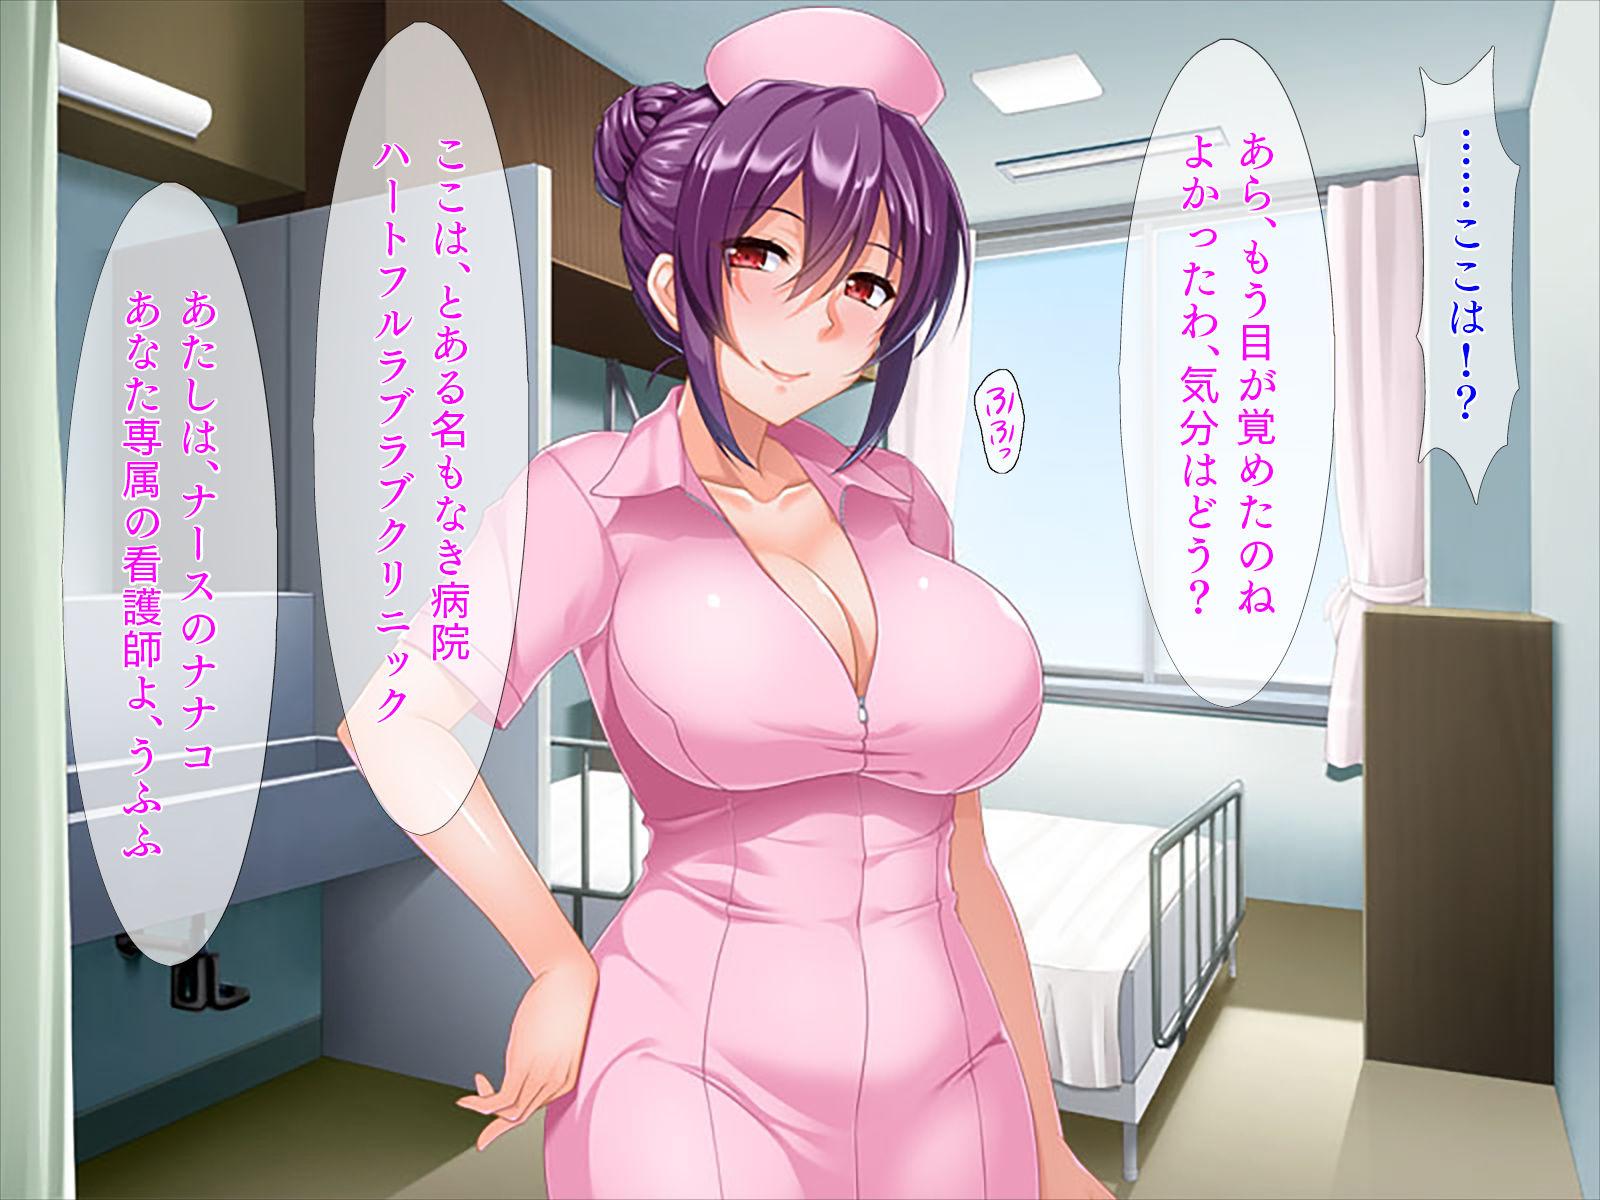 おっぱい看護婦の童貞クリニック エロ画像